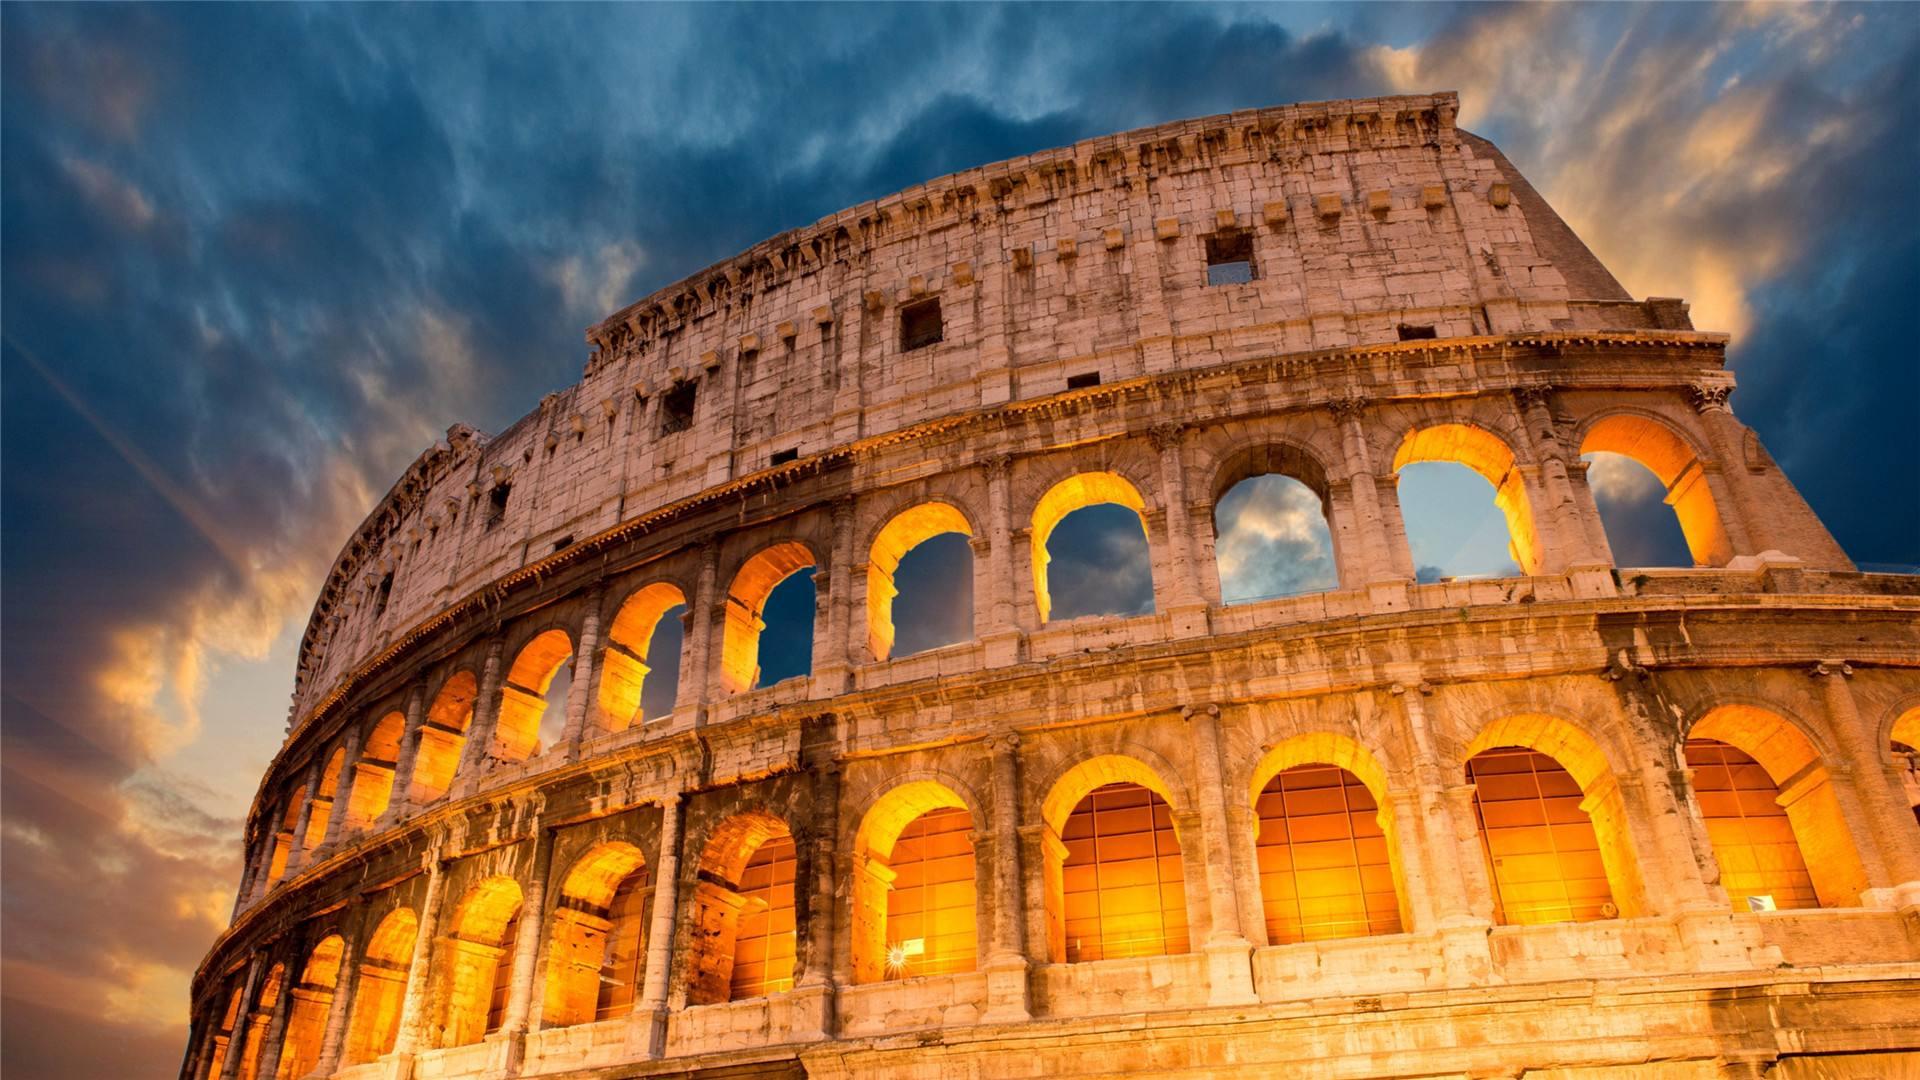 【佛山瓷砖】要从意大利产品看趋势